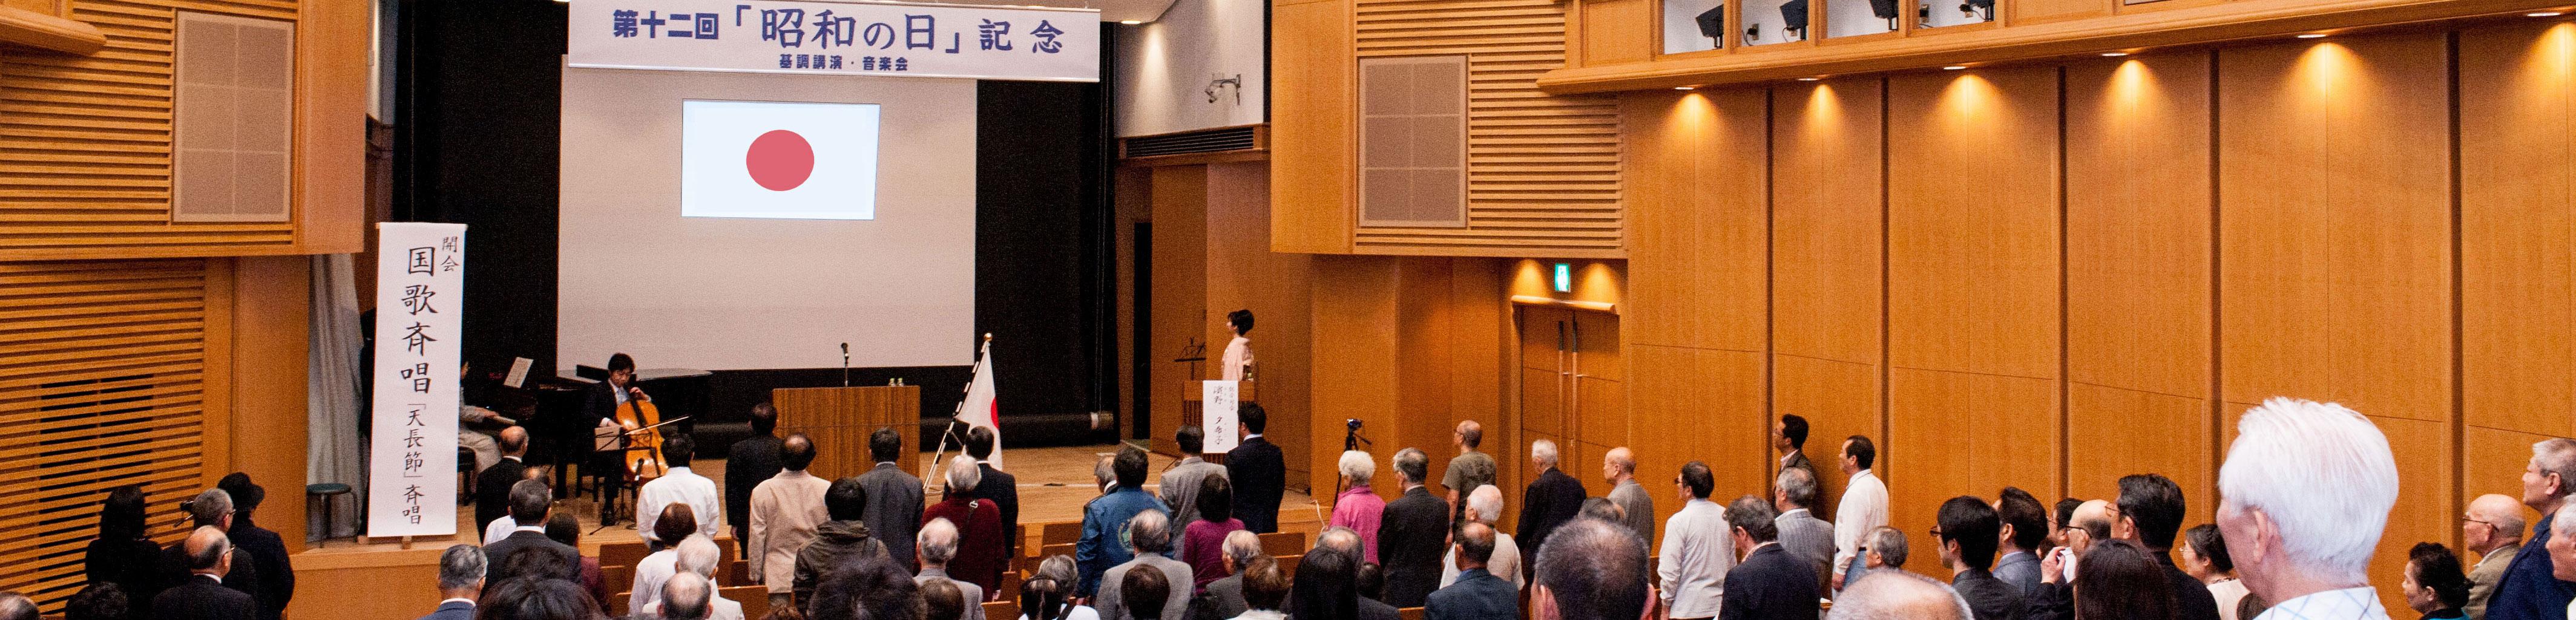 第十三回「昭和の日」記念式典 フォトニュース  |  「昭和の日」記念行事実行委員会